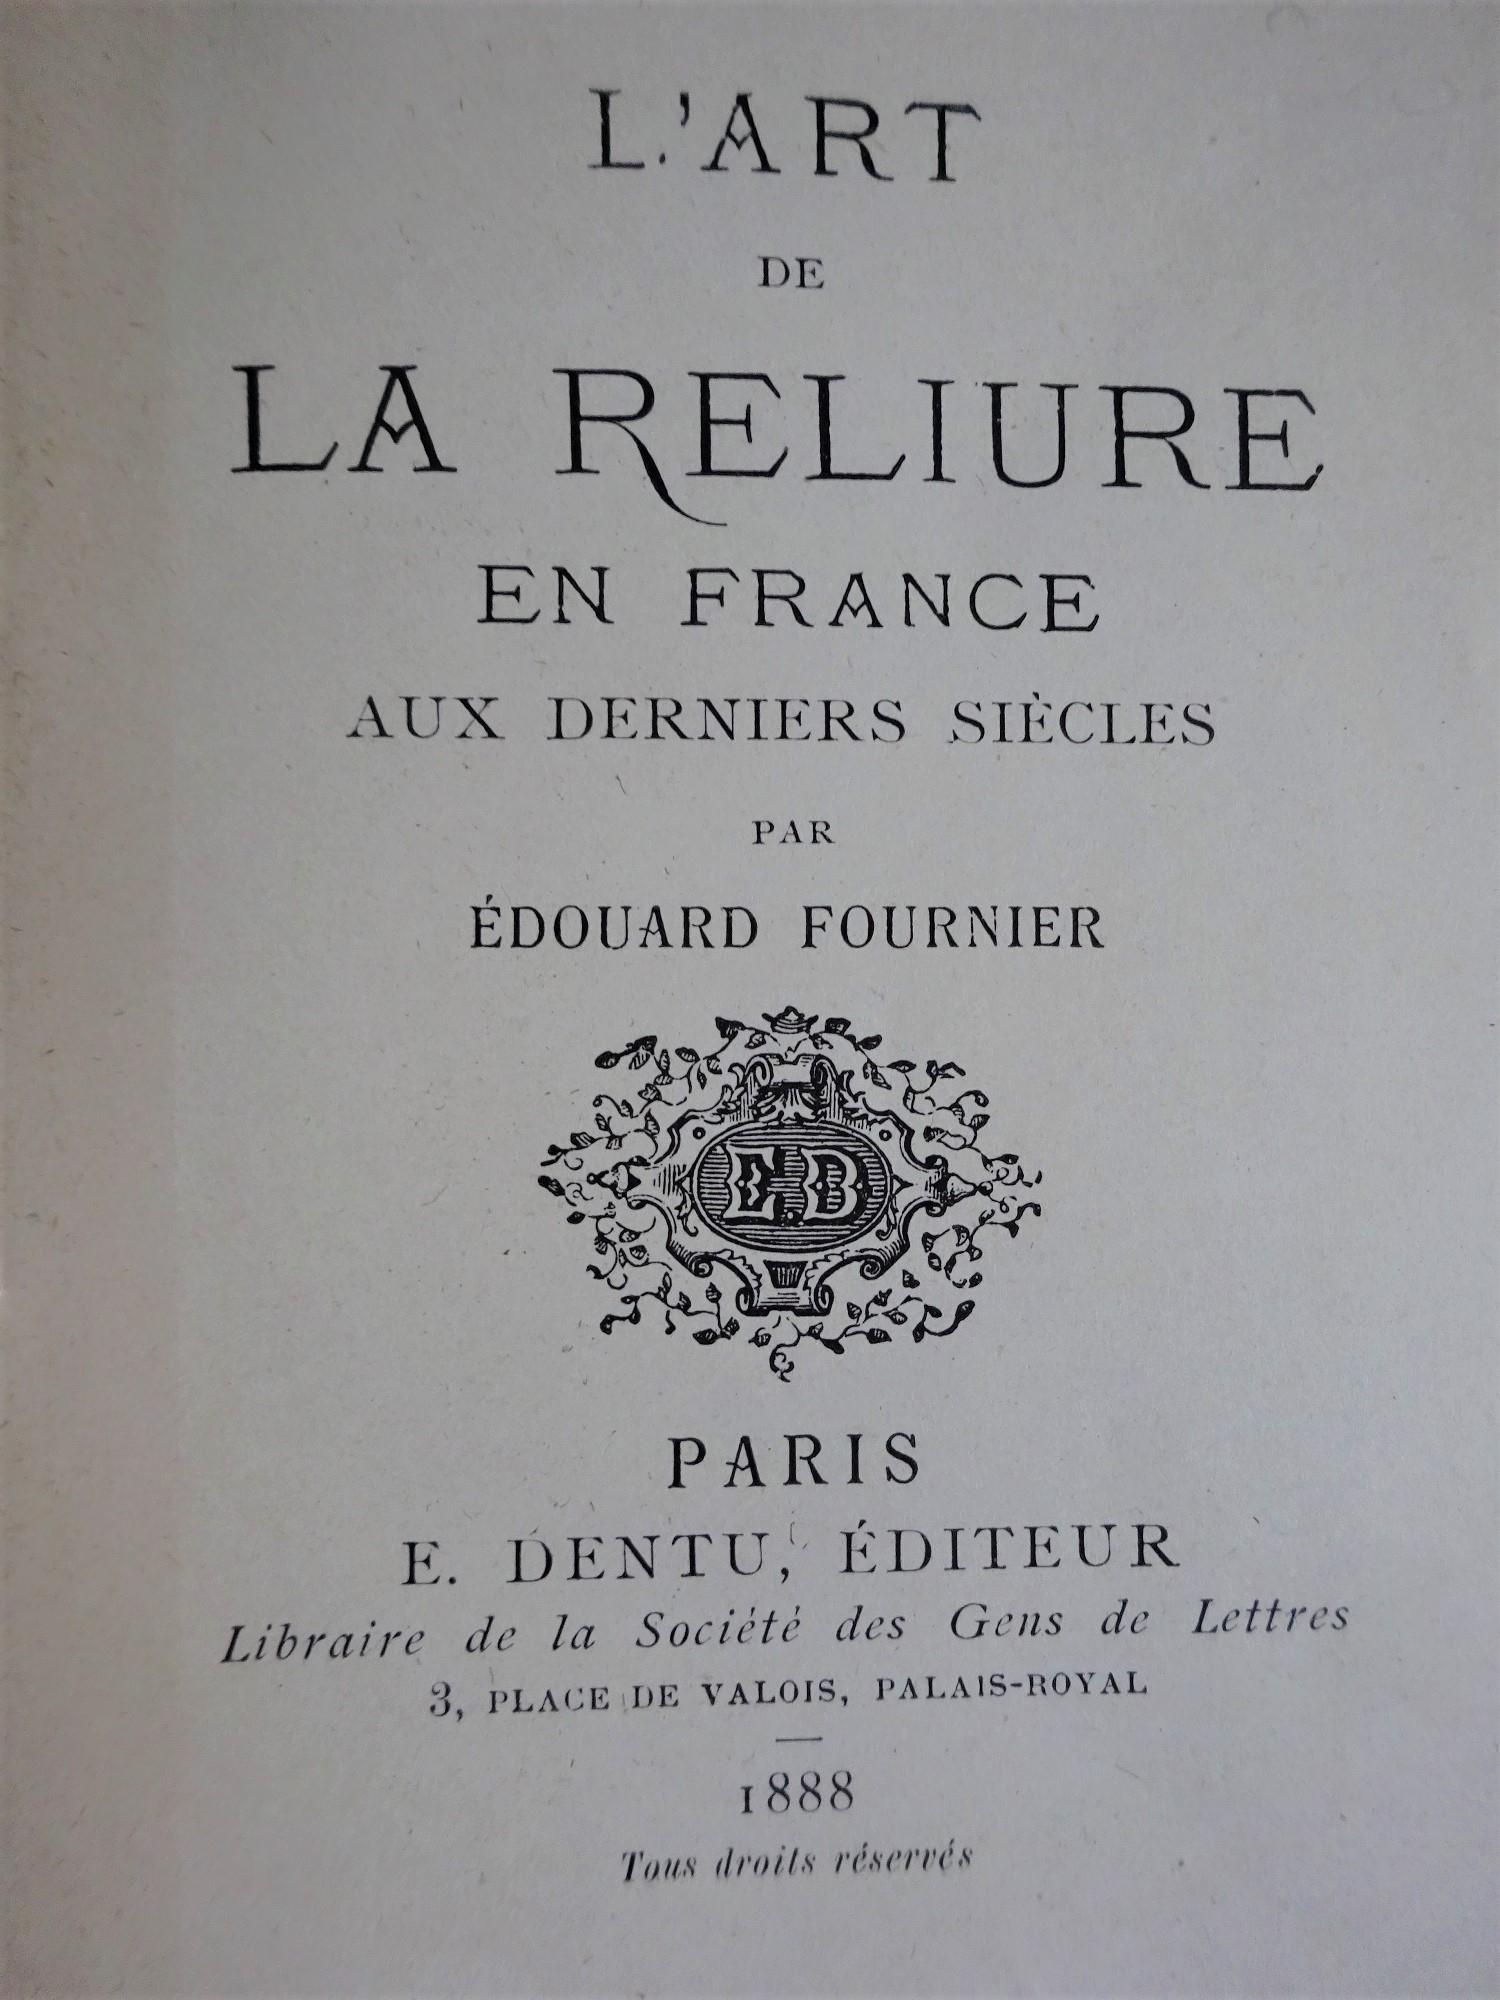 L'art de la reliure en France aux derniers siècles